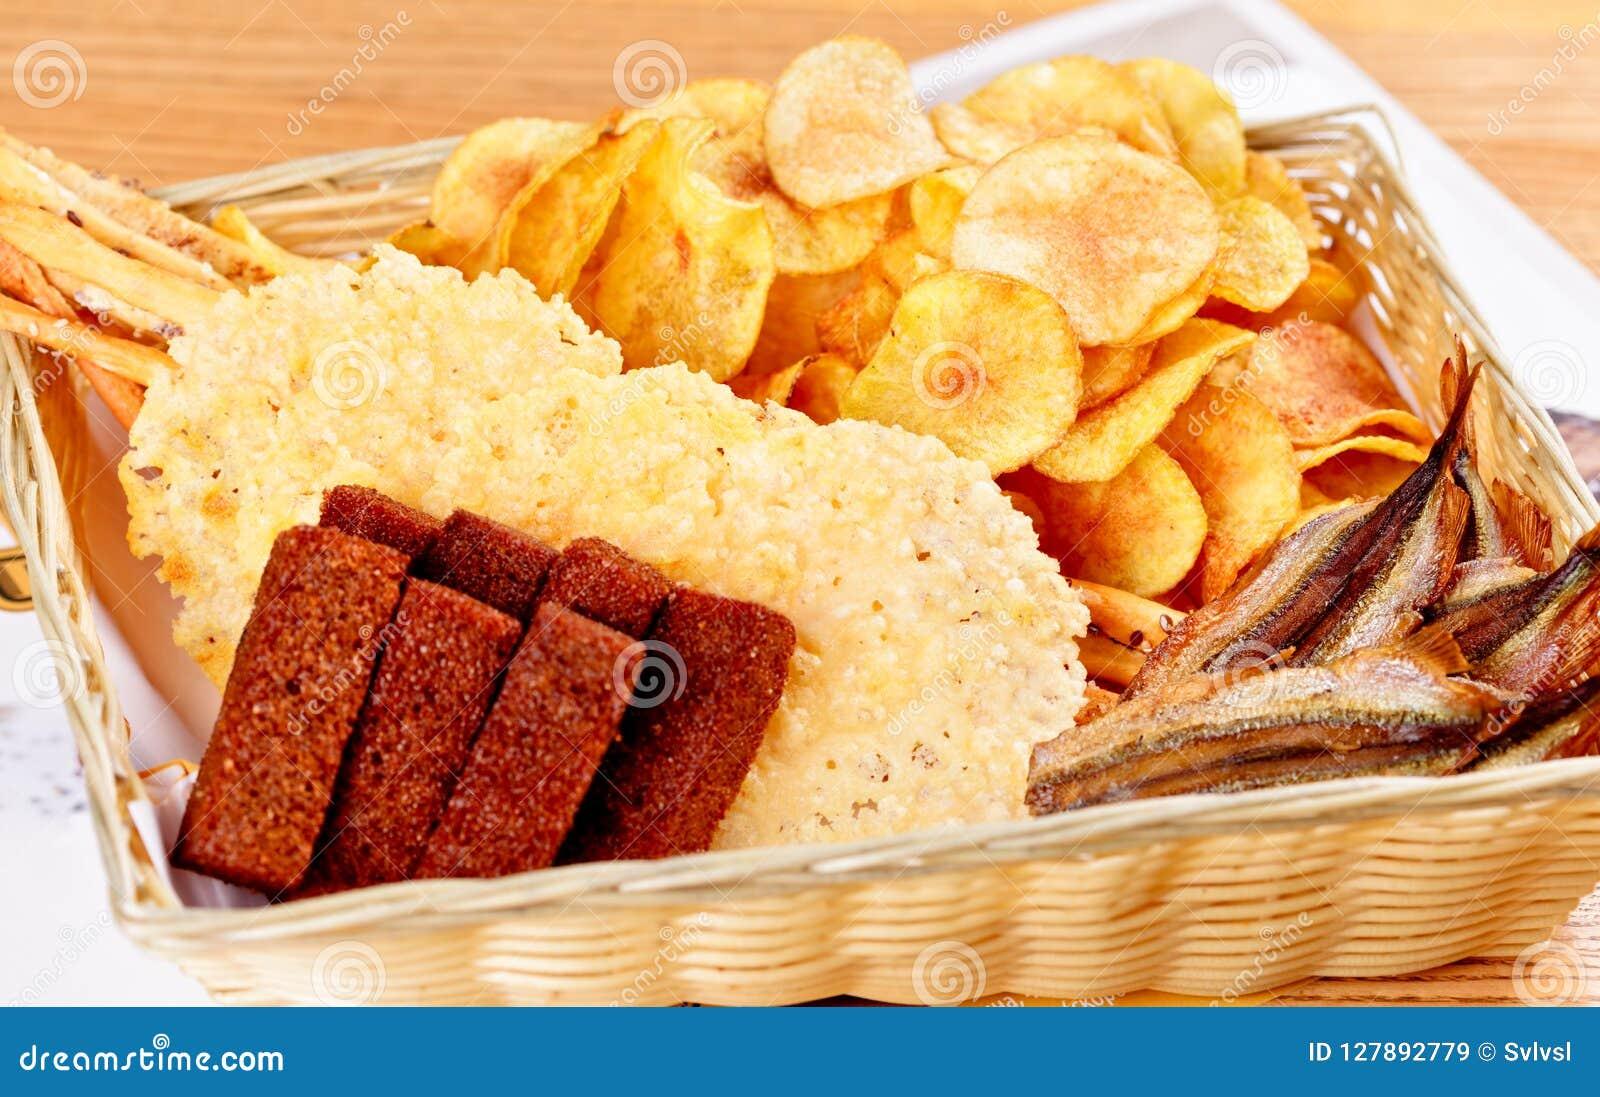 啤酒的被分类的快餐:各式各样的鱼,土豆片,盐味的薄脆饼干,在篮子的黑麦面包油煎方型小面包片